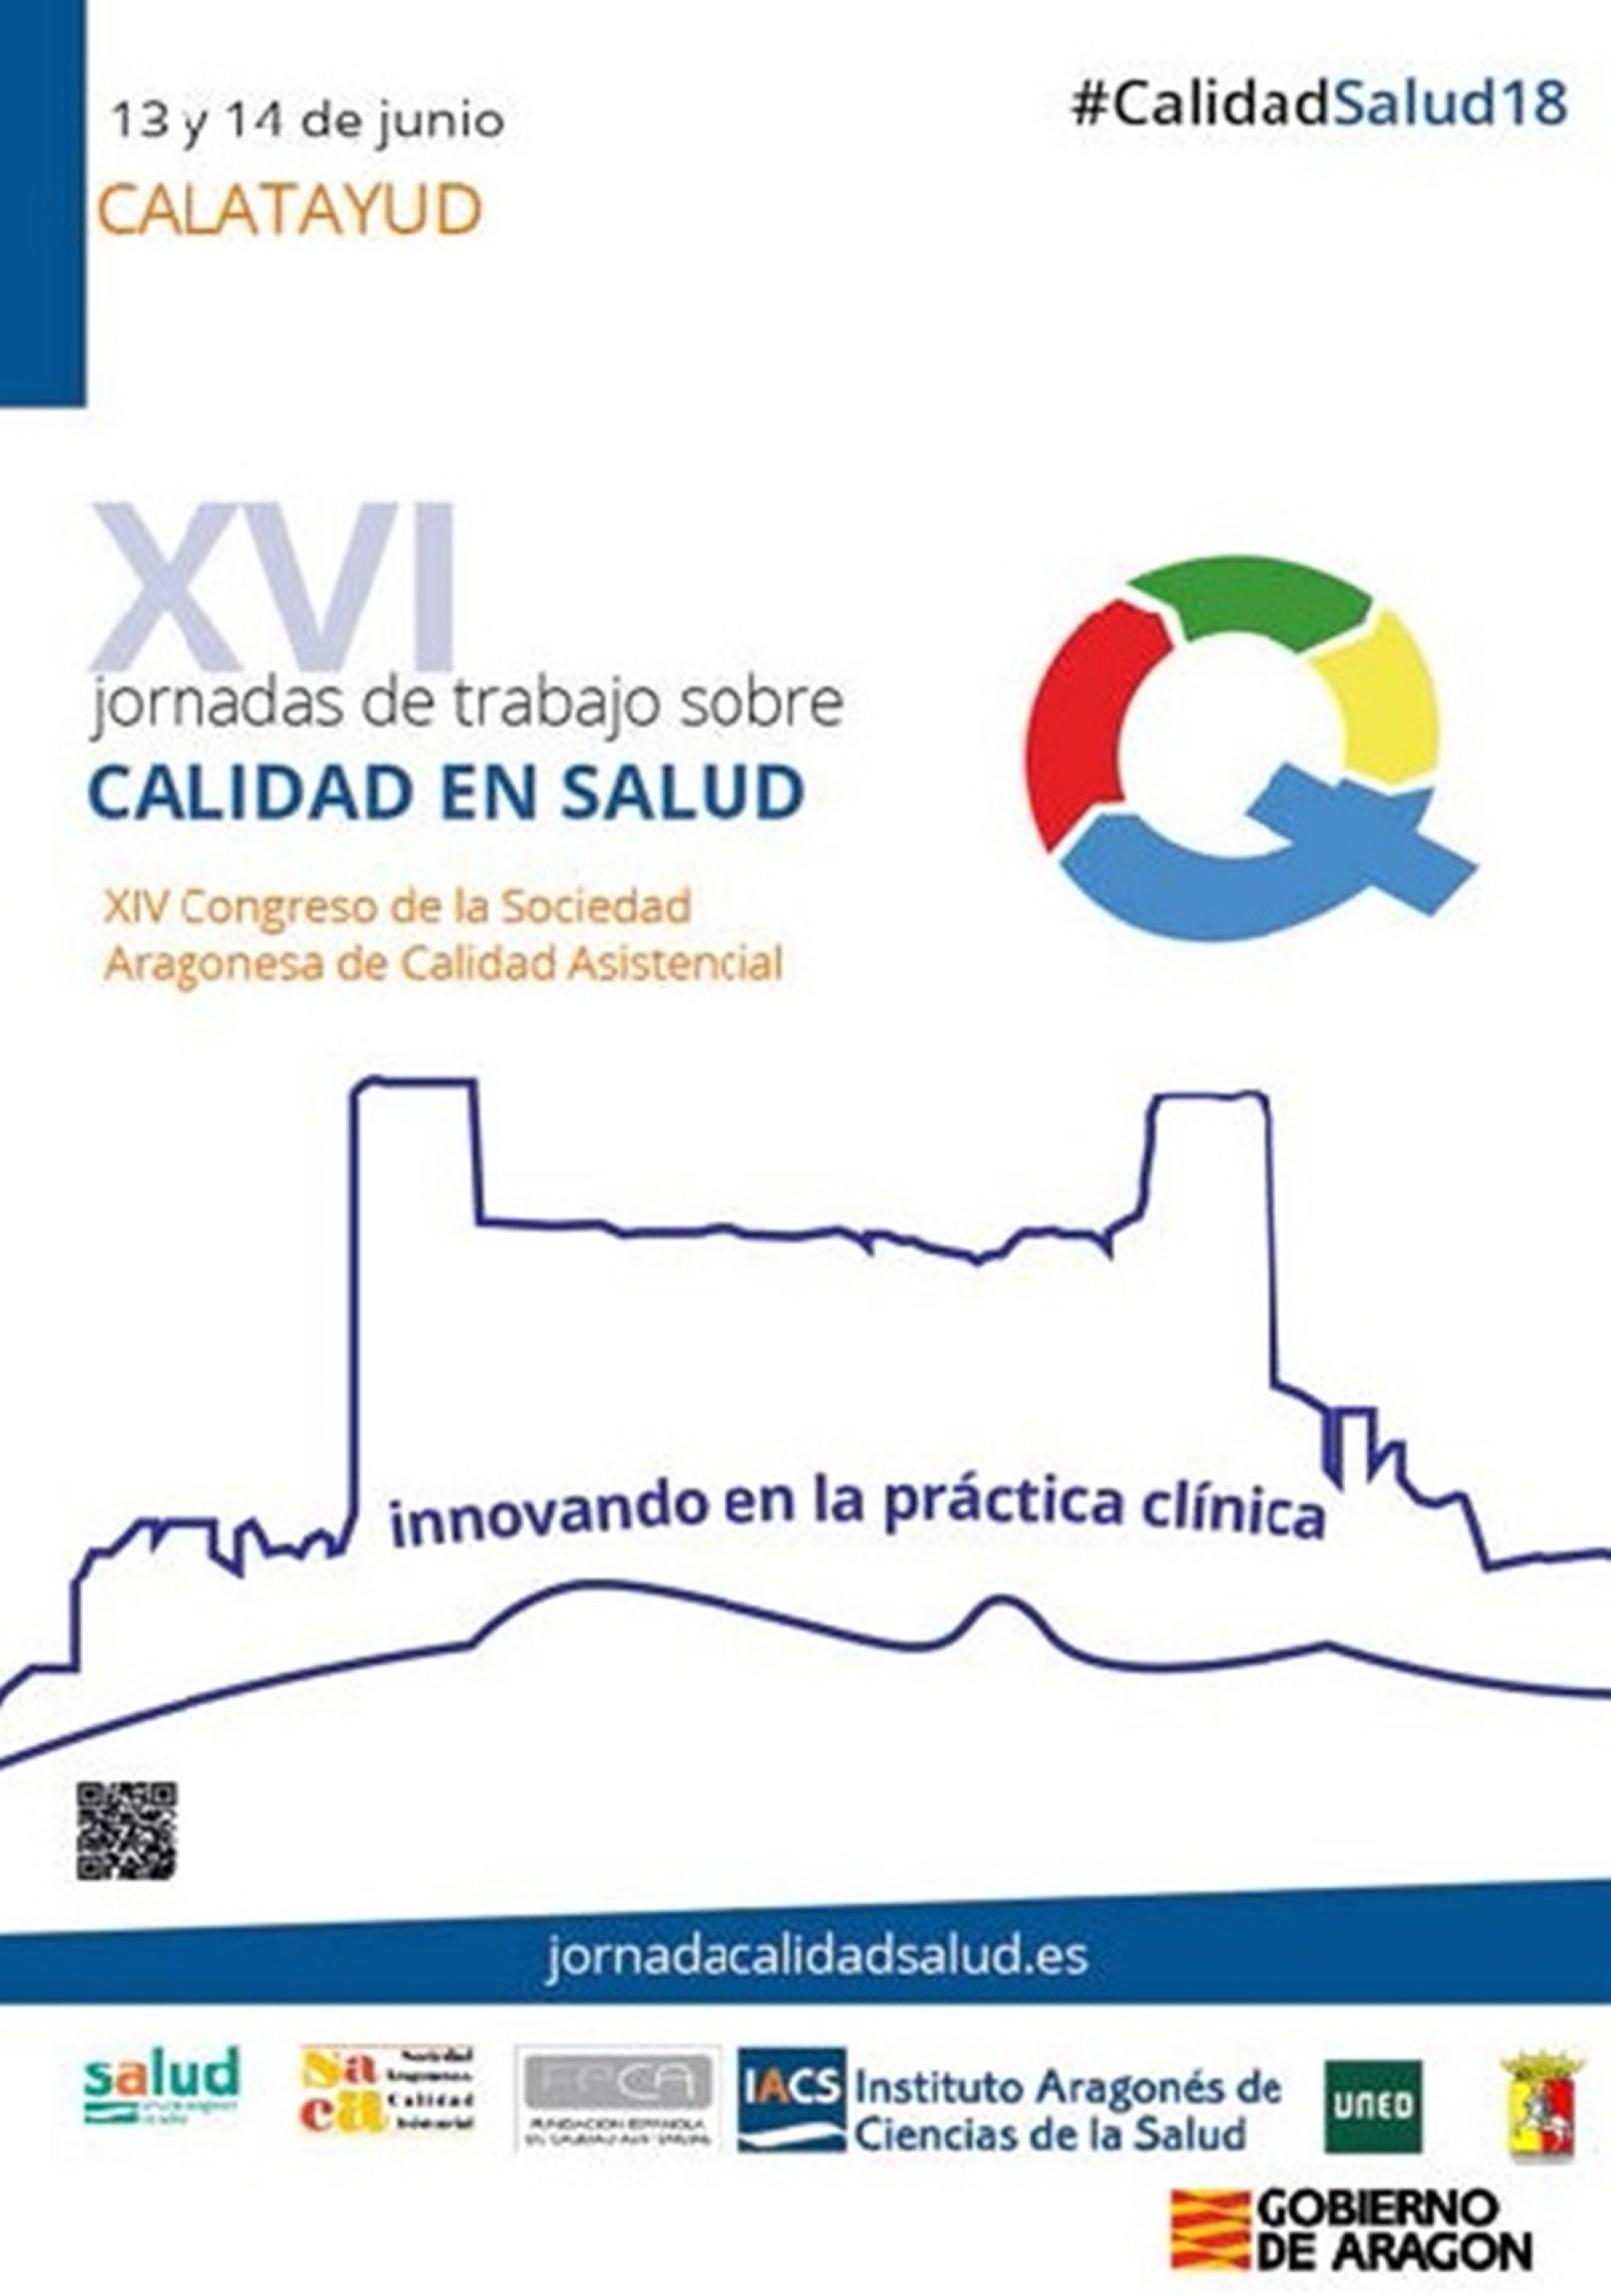 Más de 450 profesionales sanitarios debatirán sobre los proyectos innovadores que están mejorando la atención al paciente en Aragón